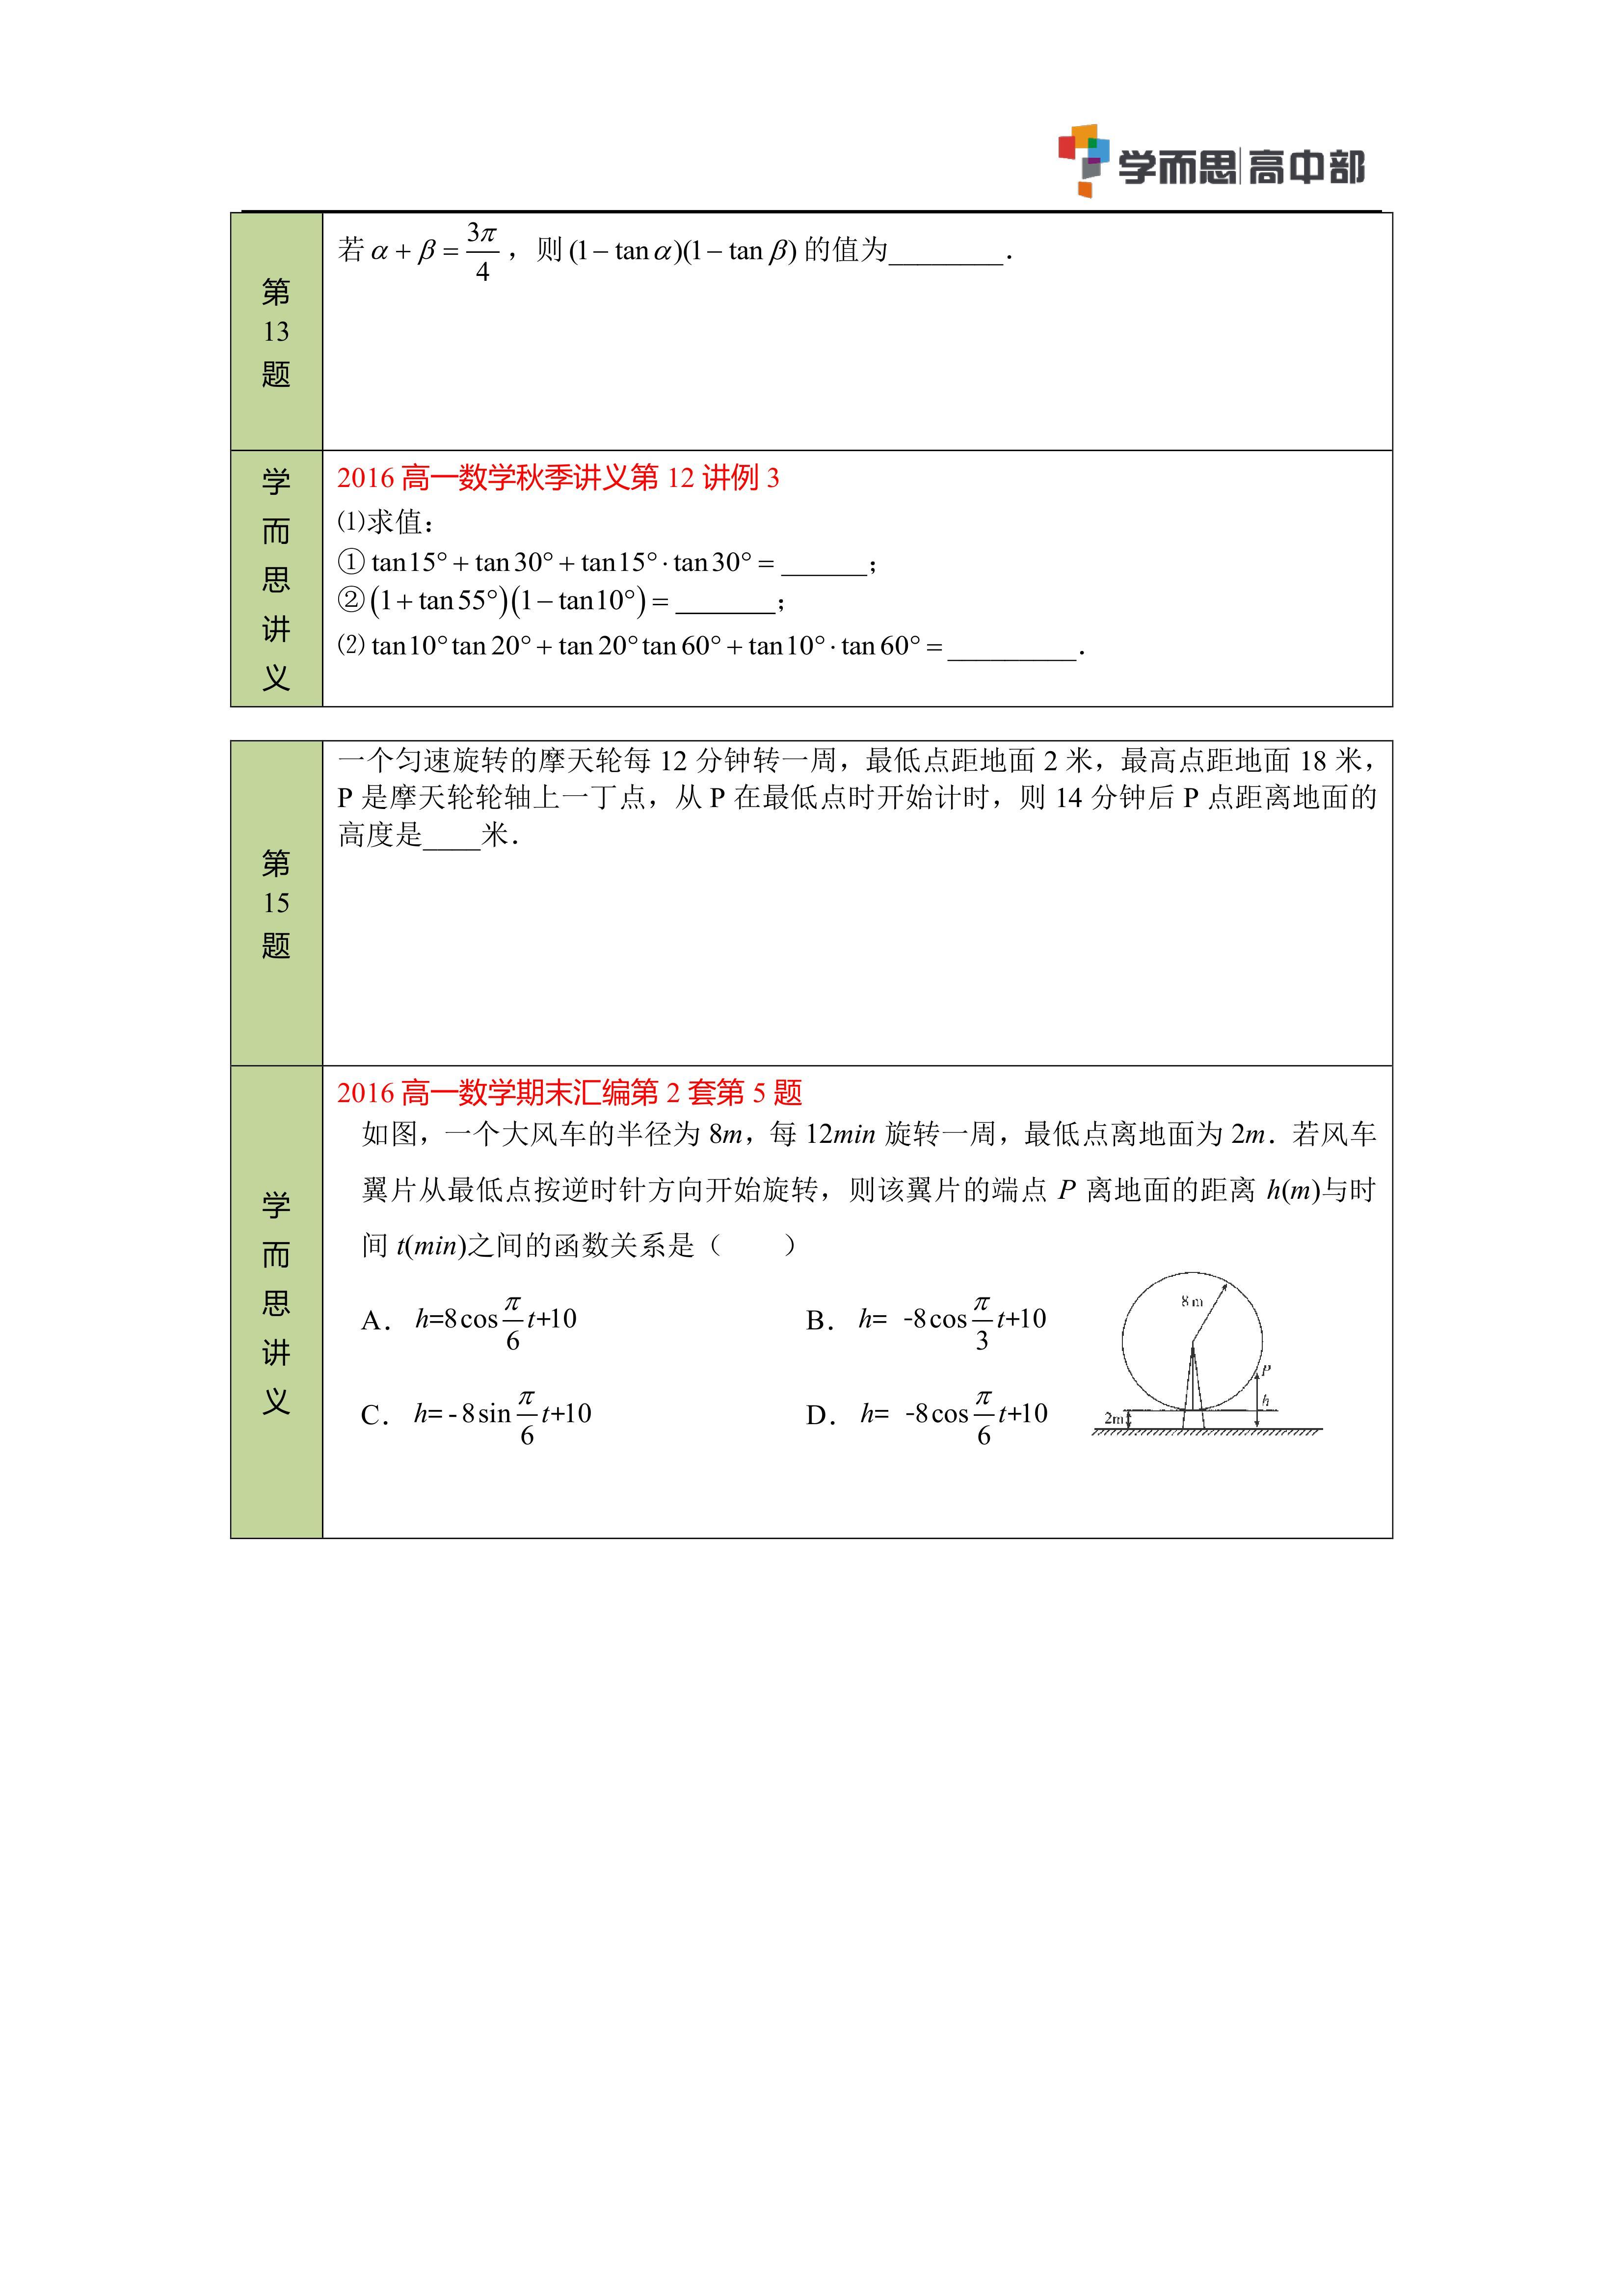 2016-2017学年武汉二中上学期期末数学试卷剖析0004.jpg